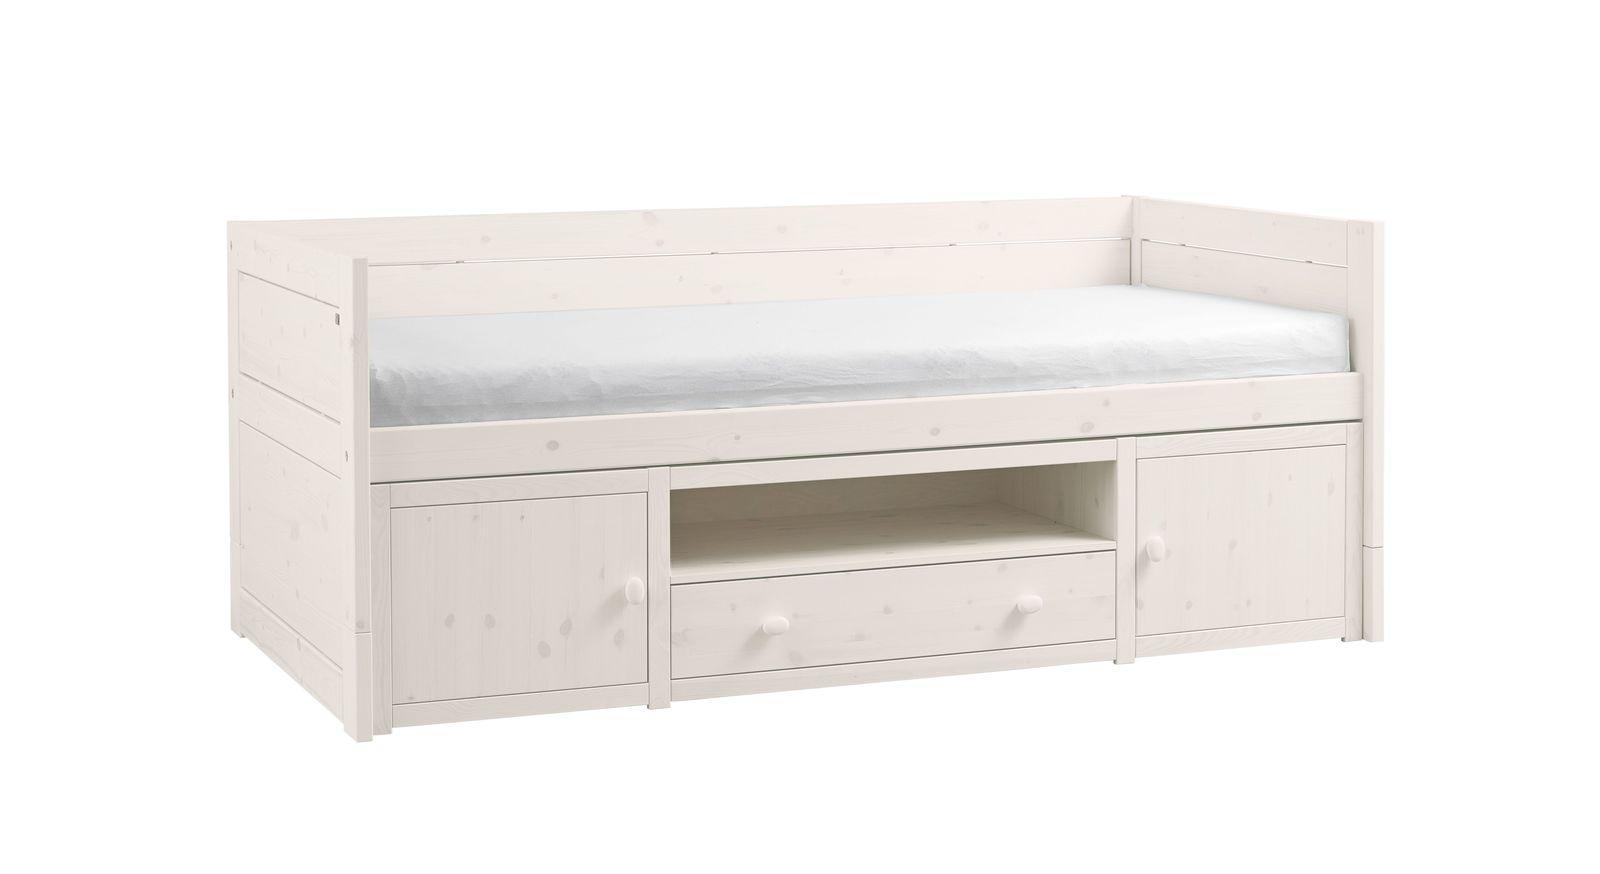 jugendbett mit gstebett und stauraum optional mit bettkasten stauraum polsterbett traumhaftes. Black Bedroom Furniture Sets. Home Design Ideas